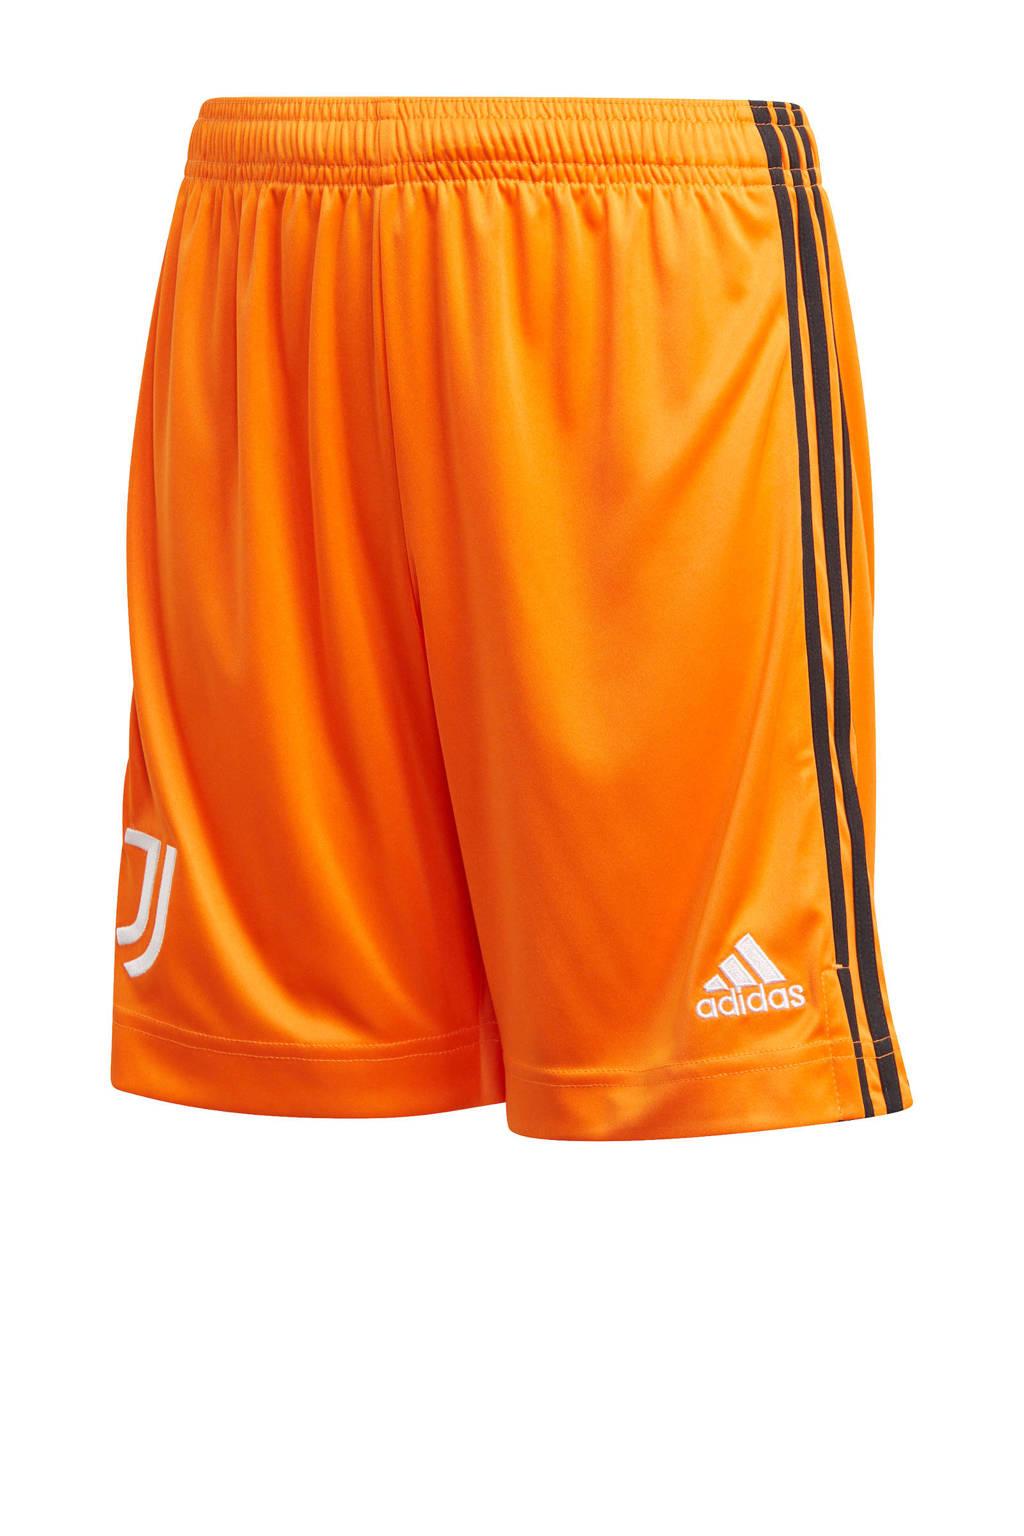 adidas Performance Junior Juventus derde short oranje, Oranje